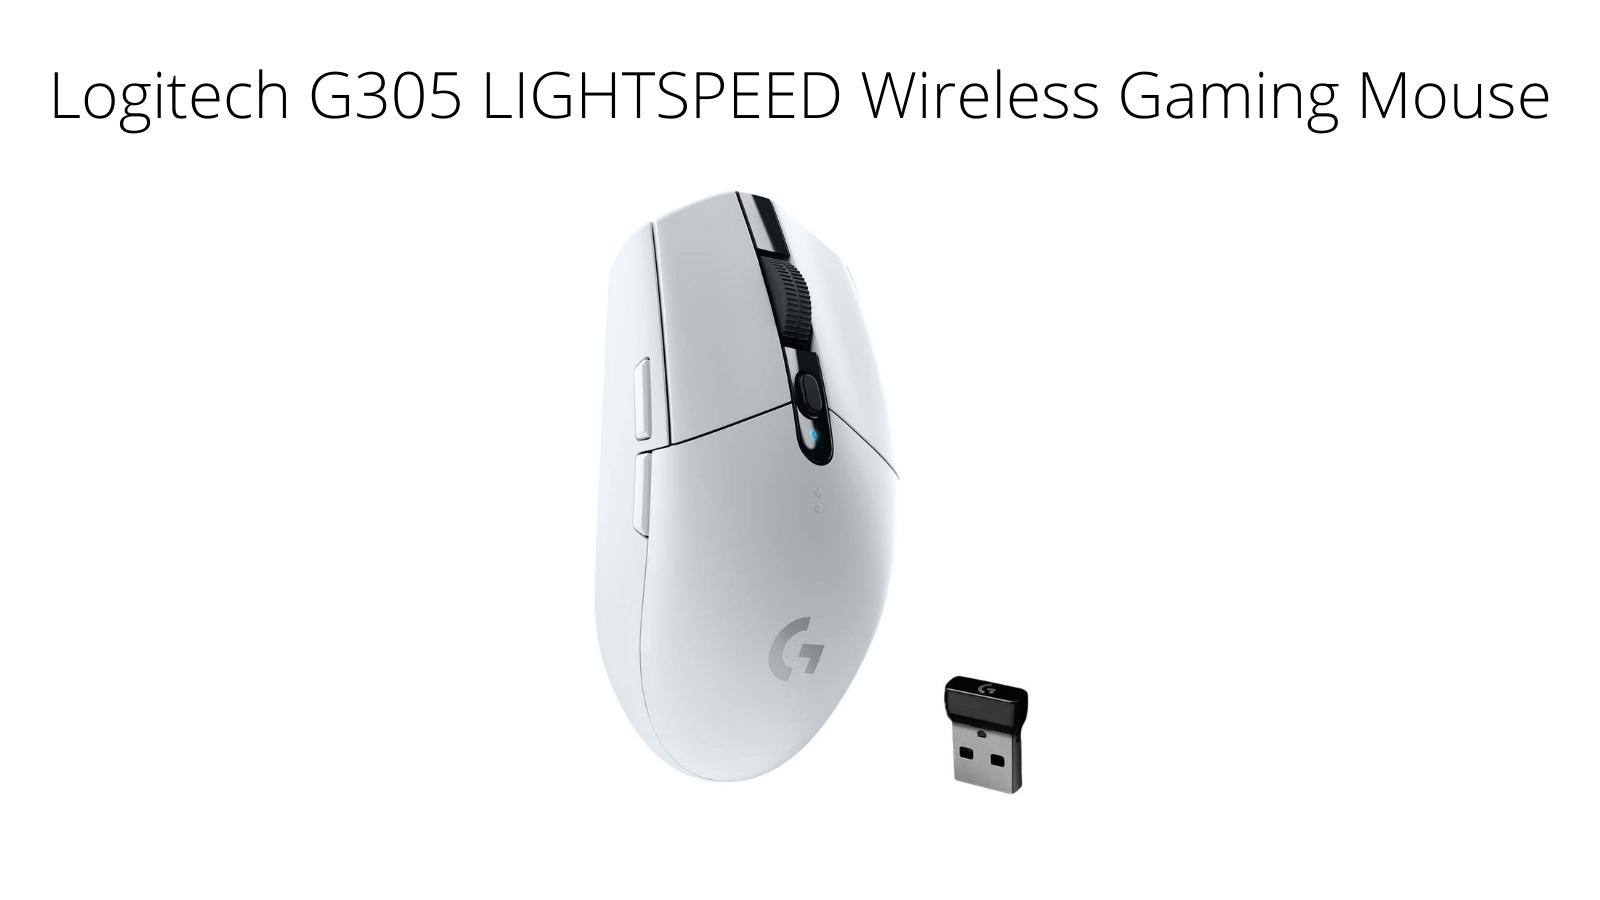 Logitech G305 LIGHSTPEED Wireless Gaming Mouse